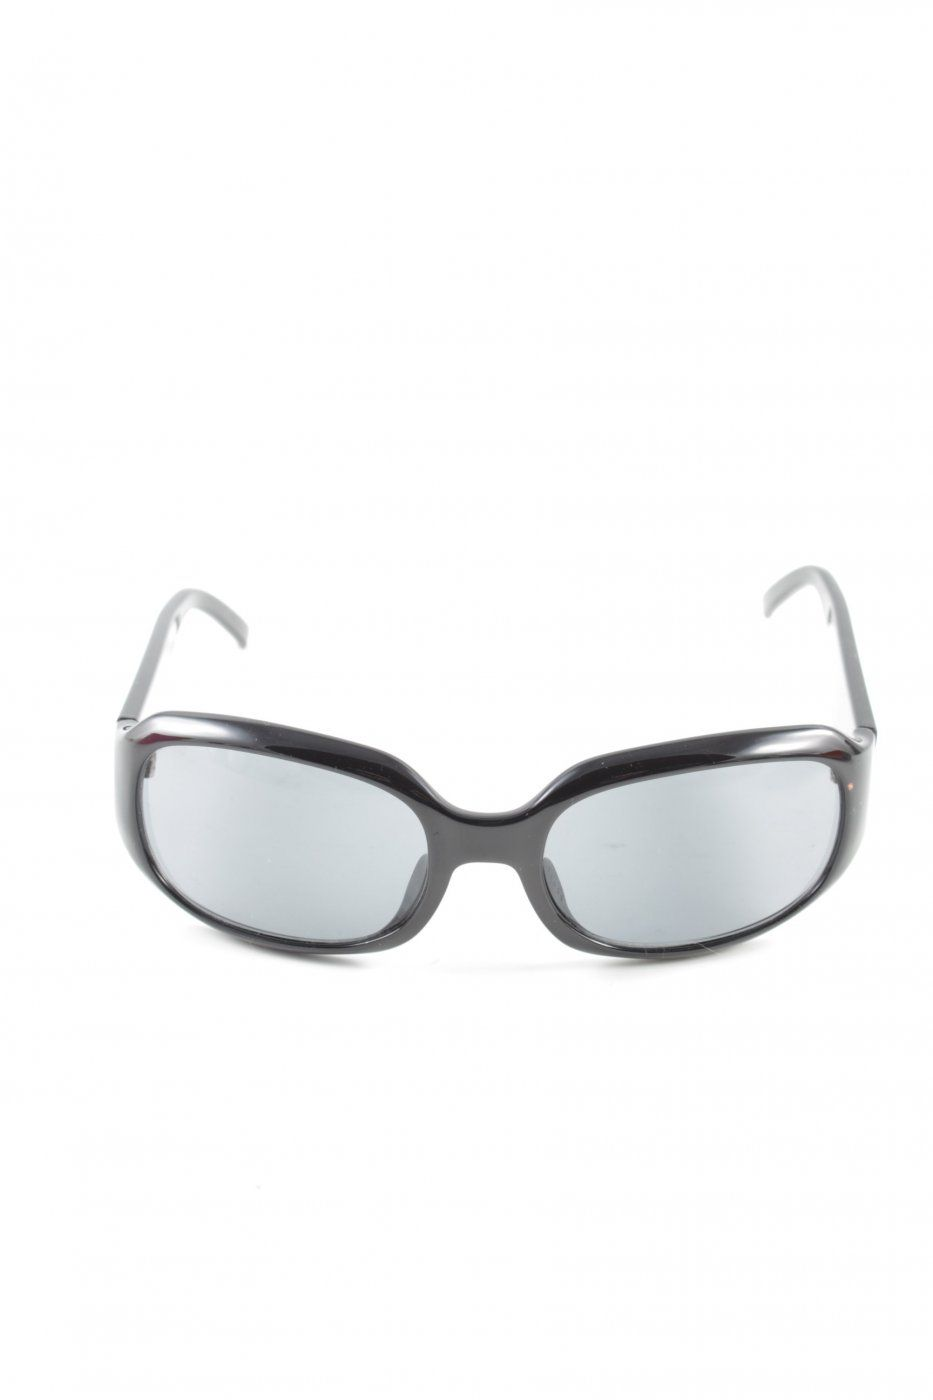 Michael Kors ovale Sonnenbrille schwarz Casual-Look | Mädchenflohmarkt